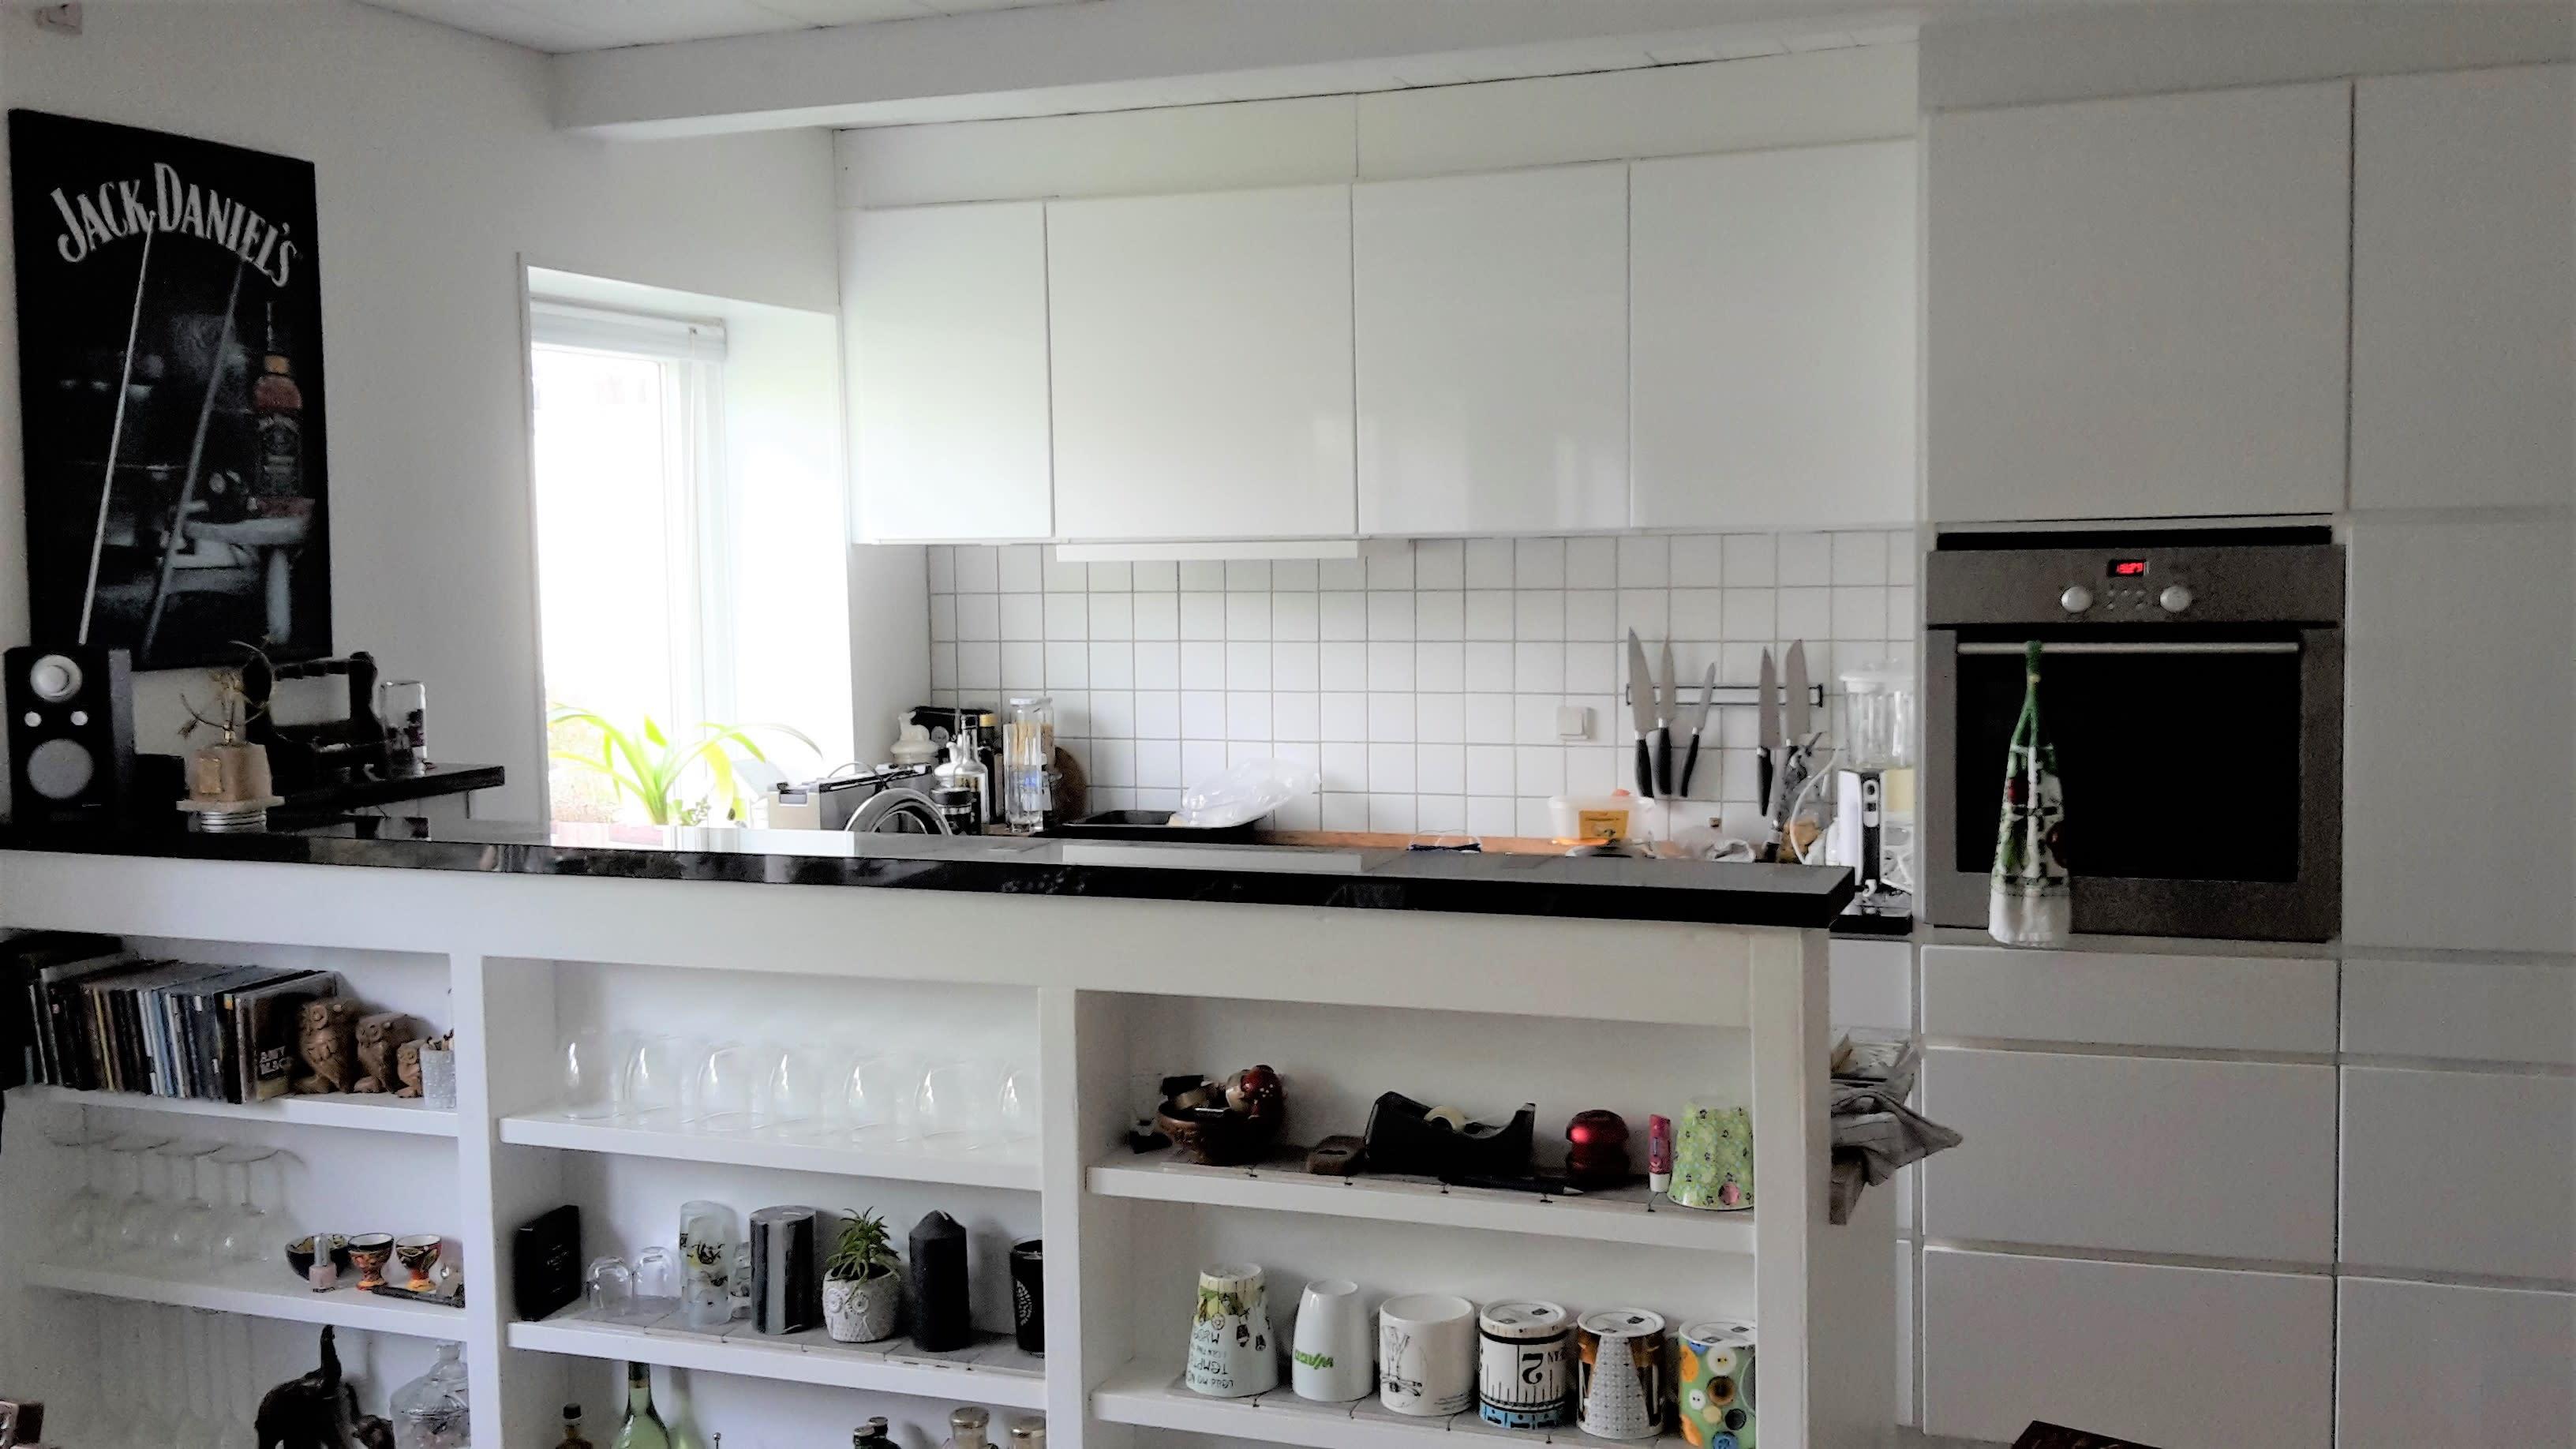 Roommate søges til hyggeligt hus i Østre Sundby, Alt incl.